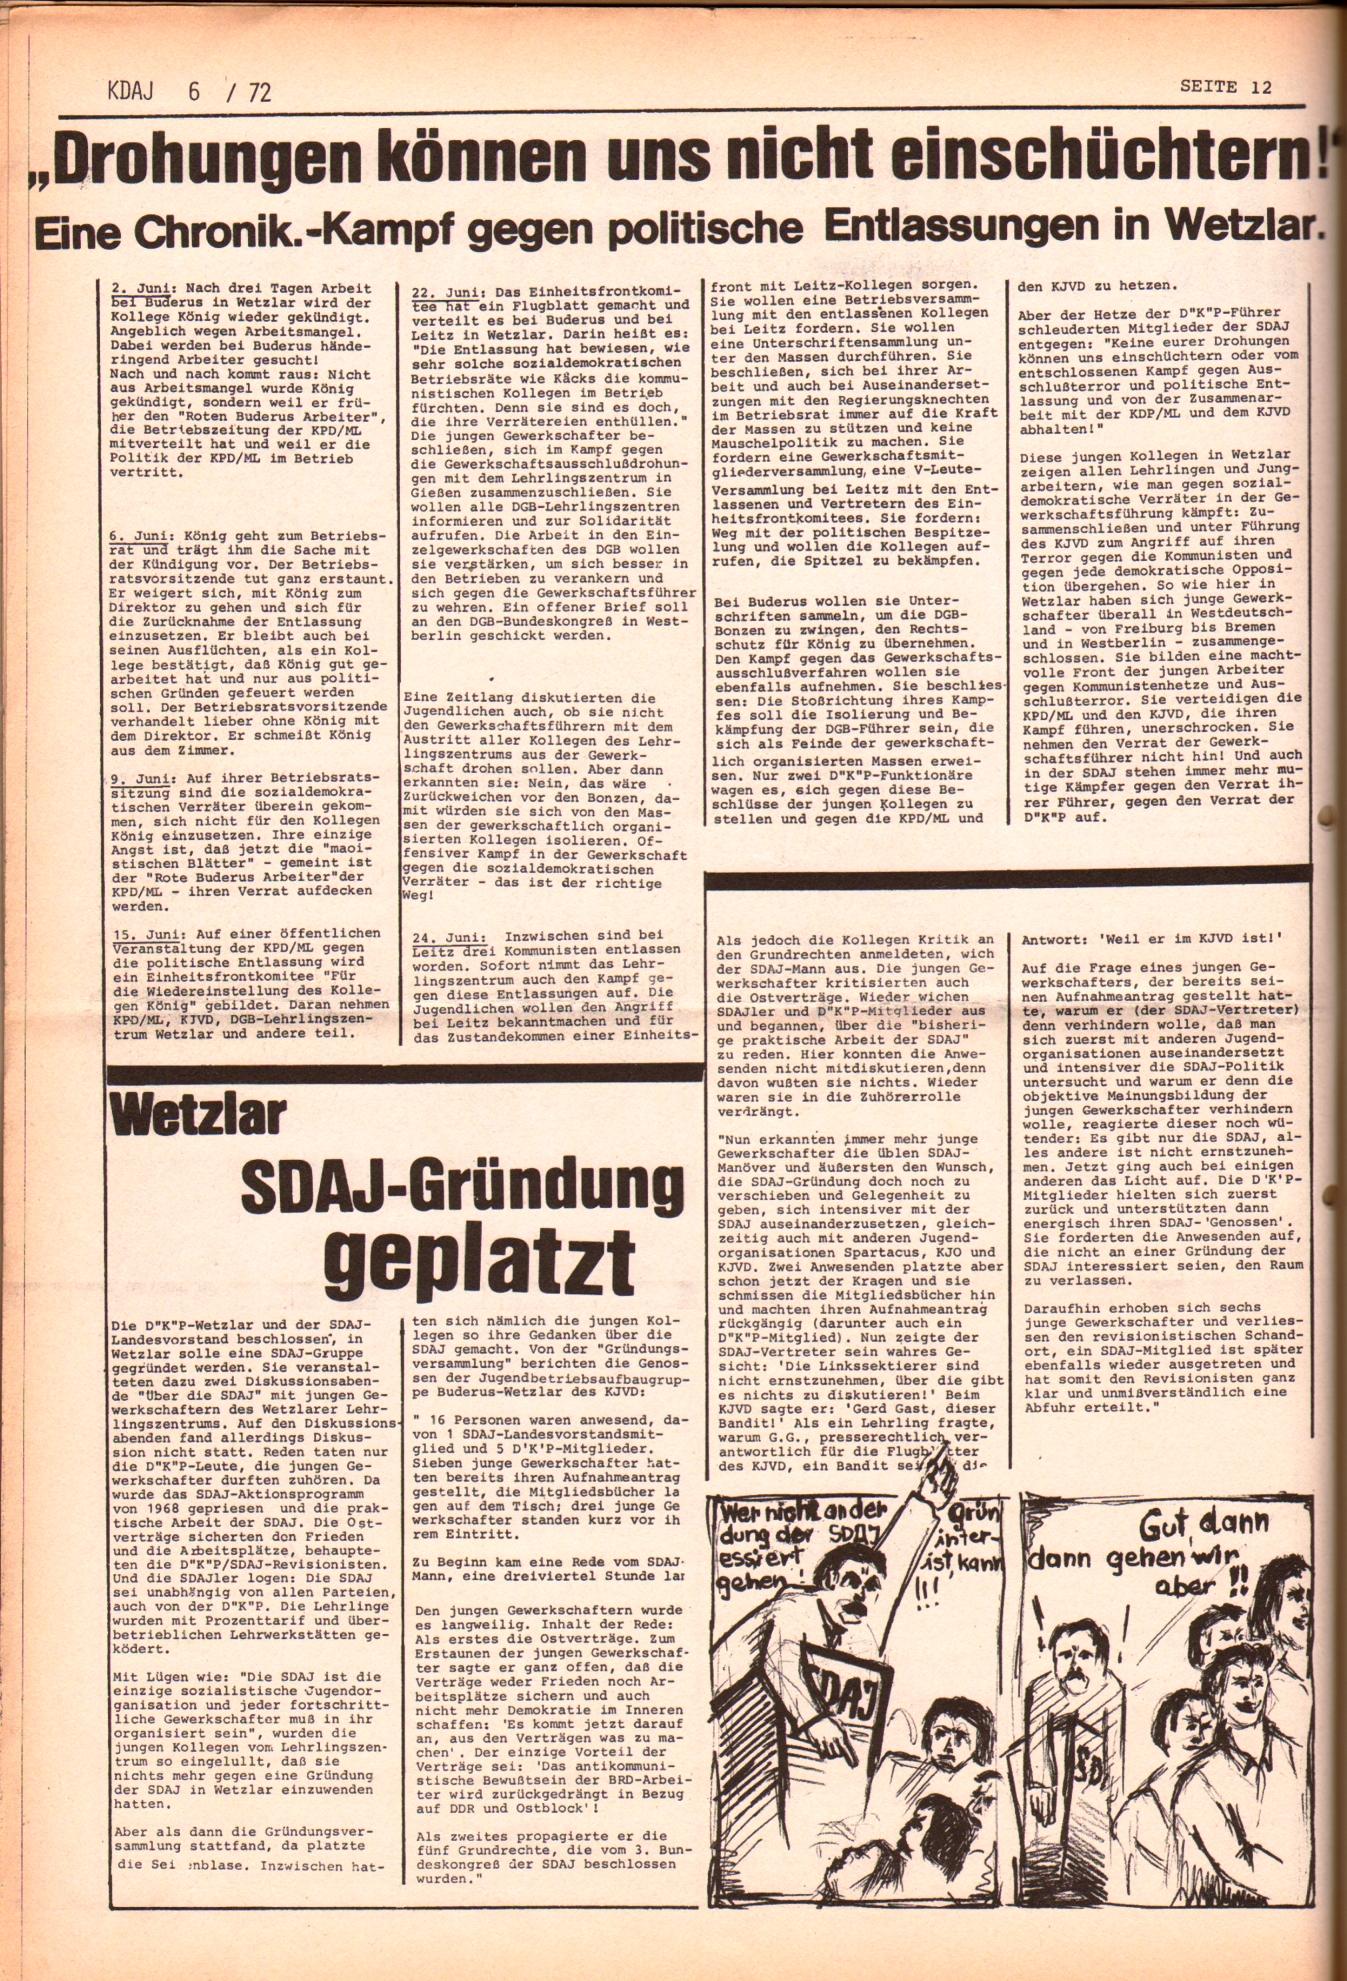 KDAJ, 3. Jg., Juli 1972, Nr. 6, Seite 12